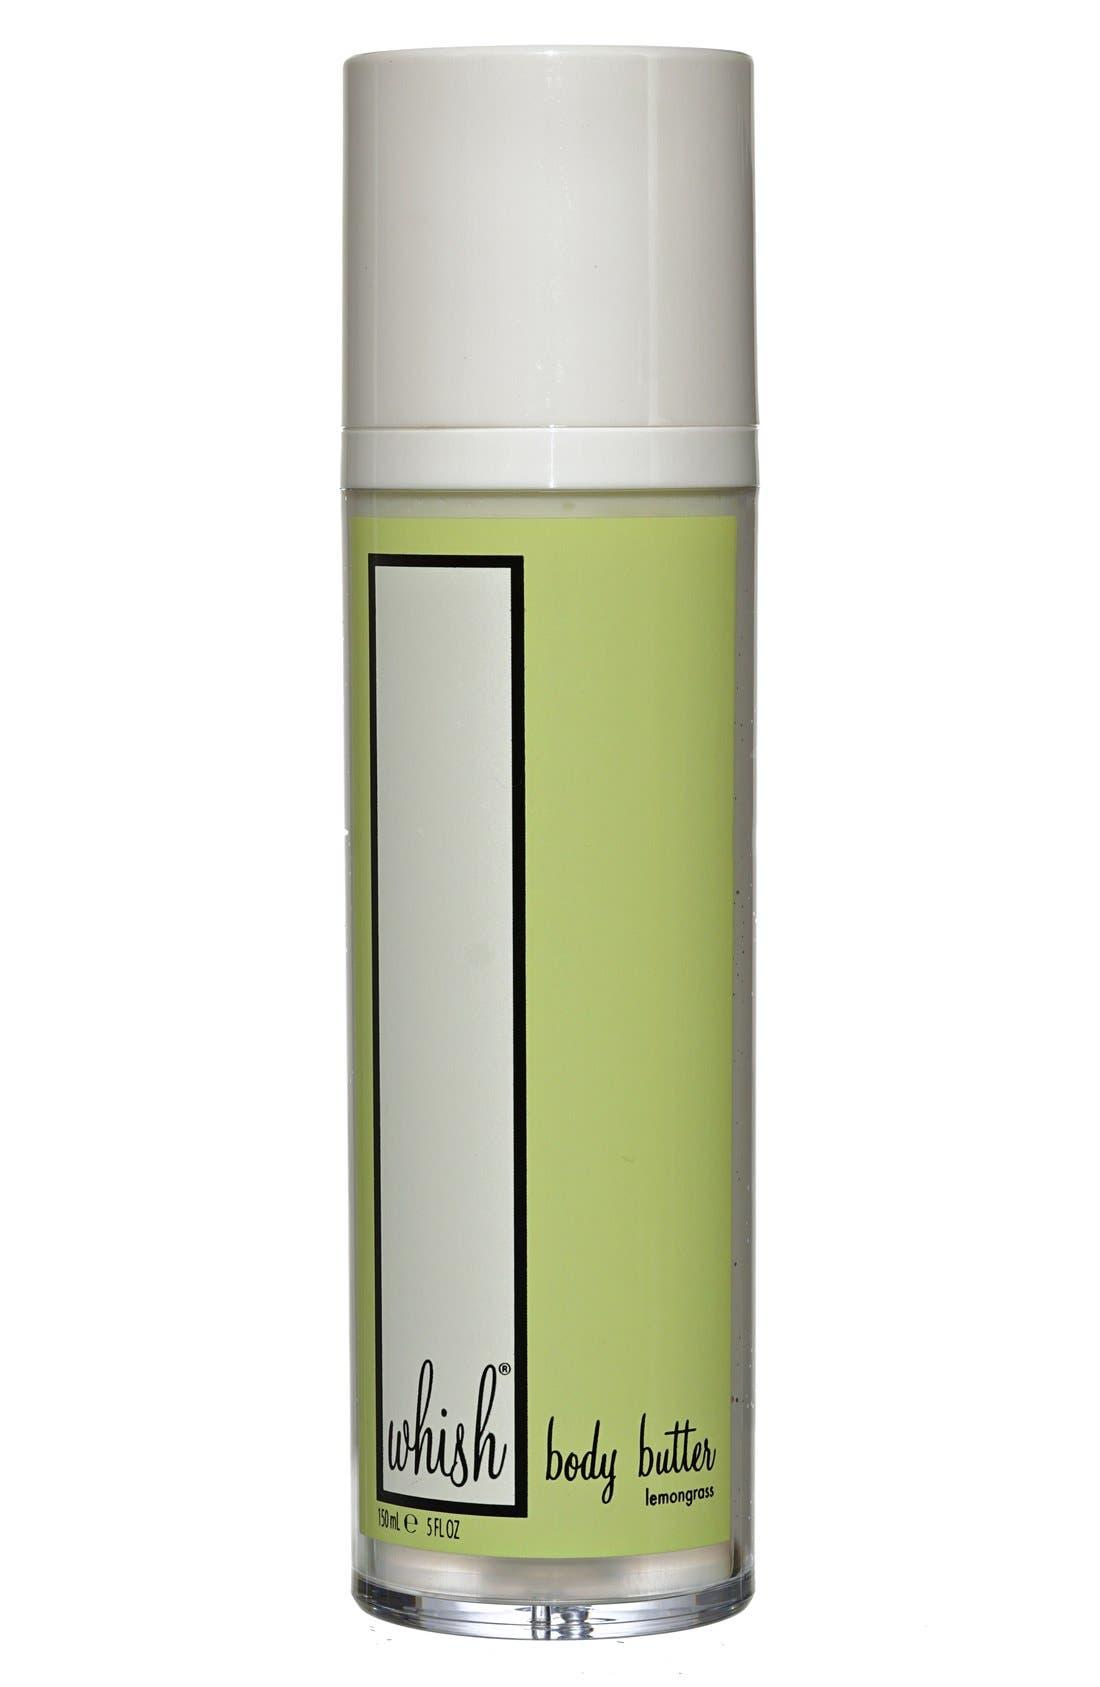 Whish™ Lemongrass Body Butter